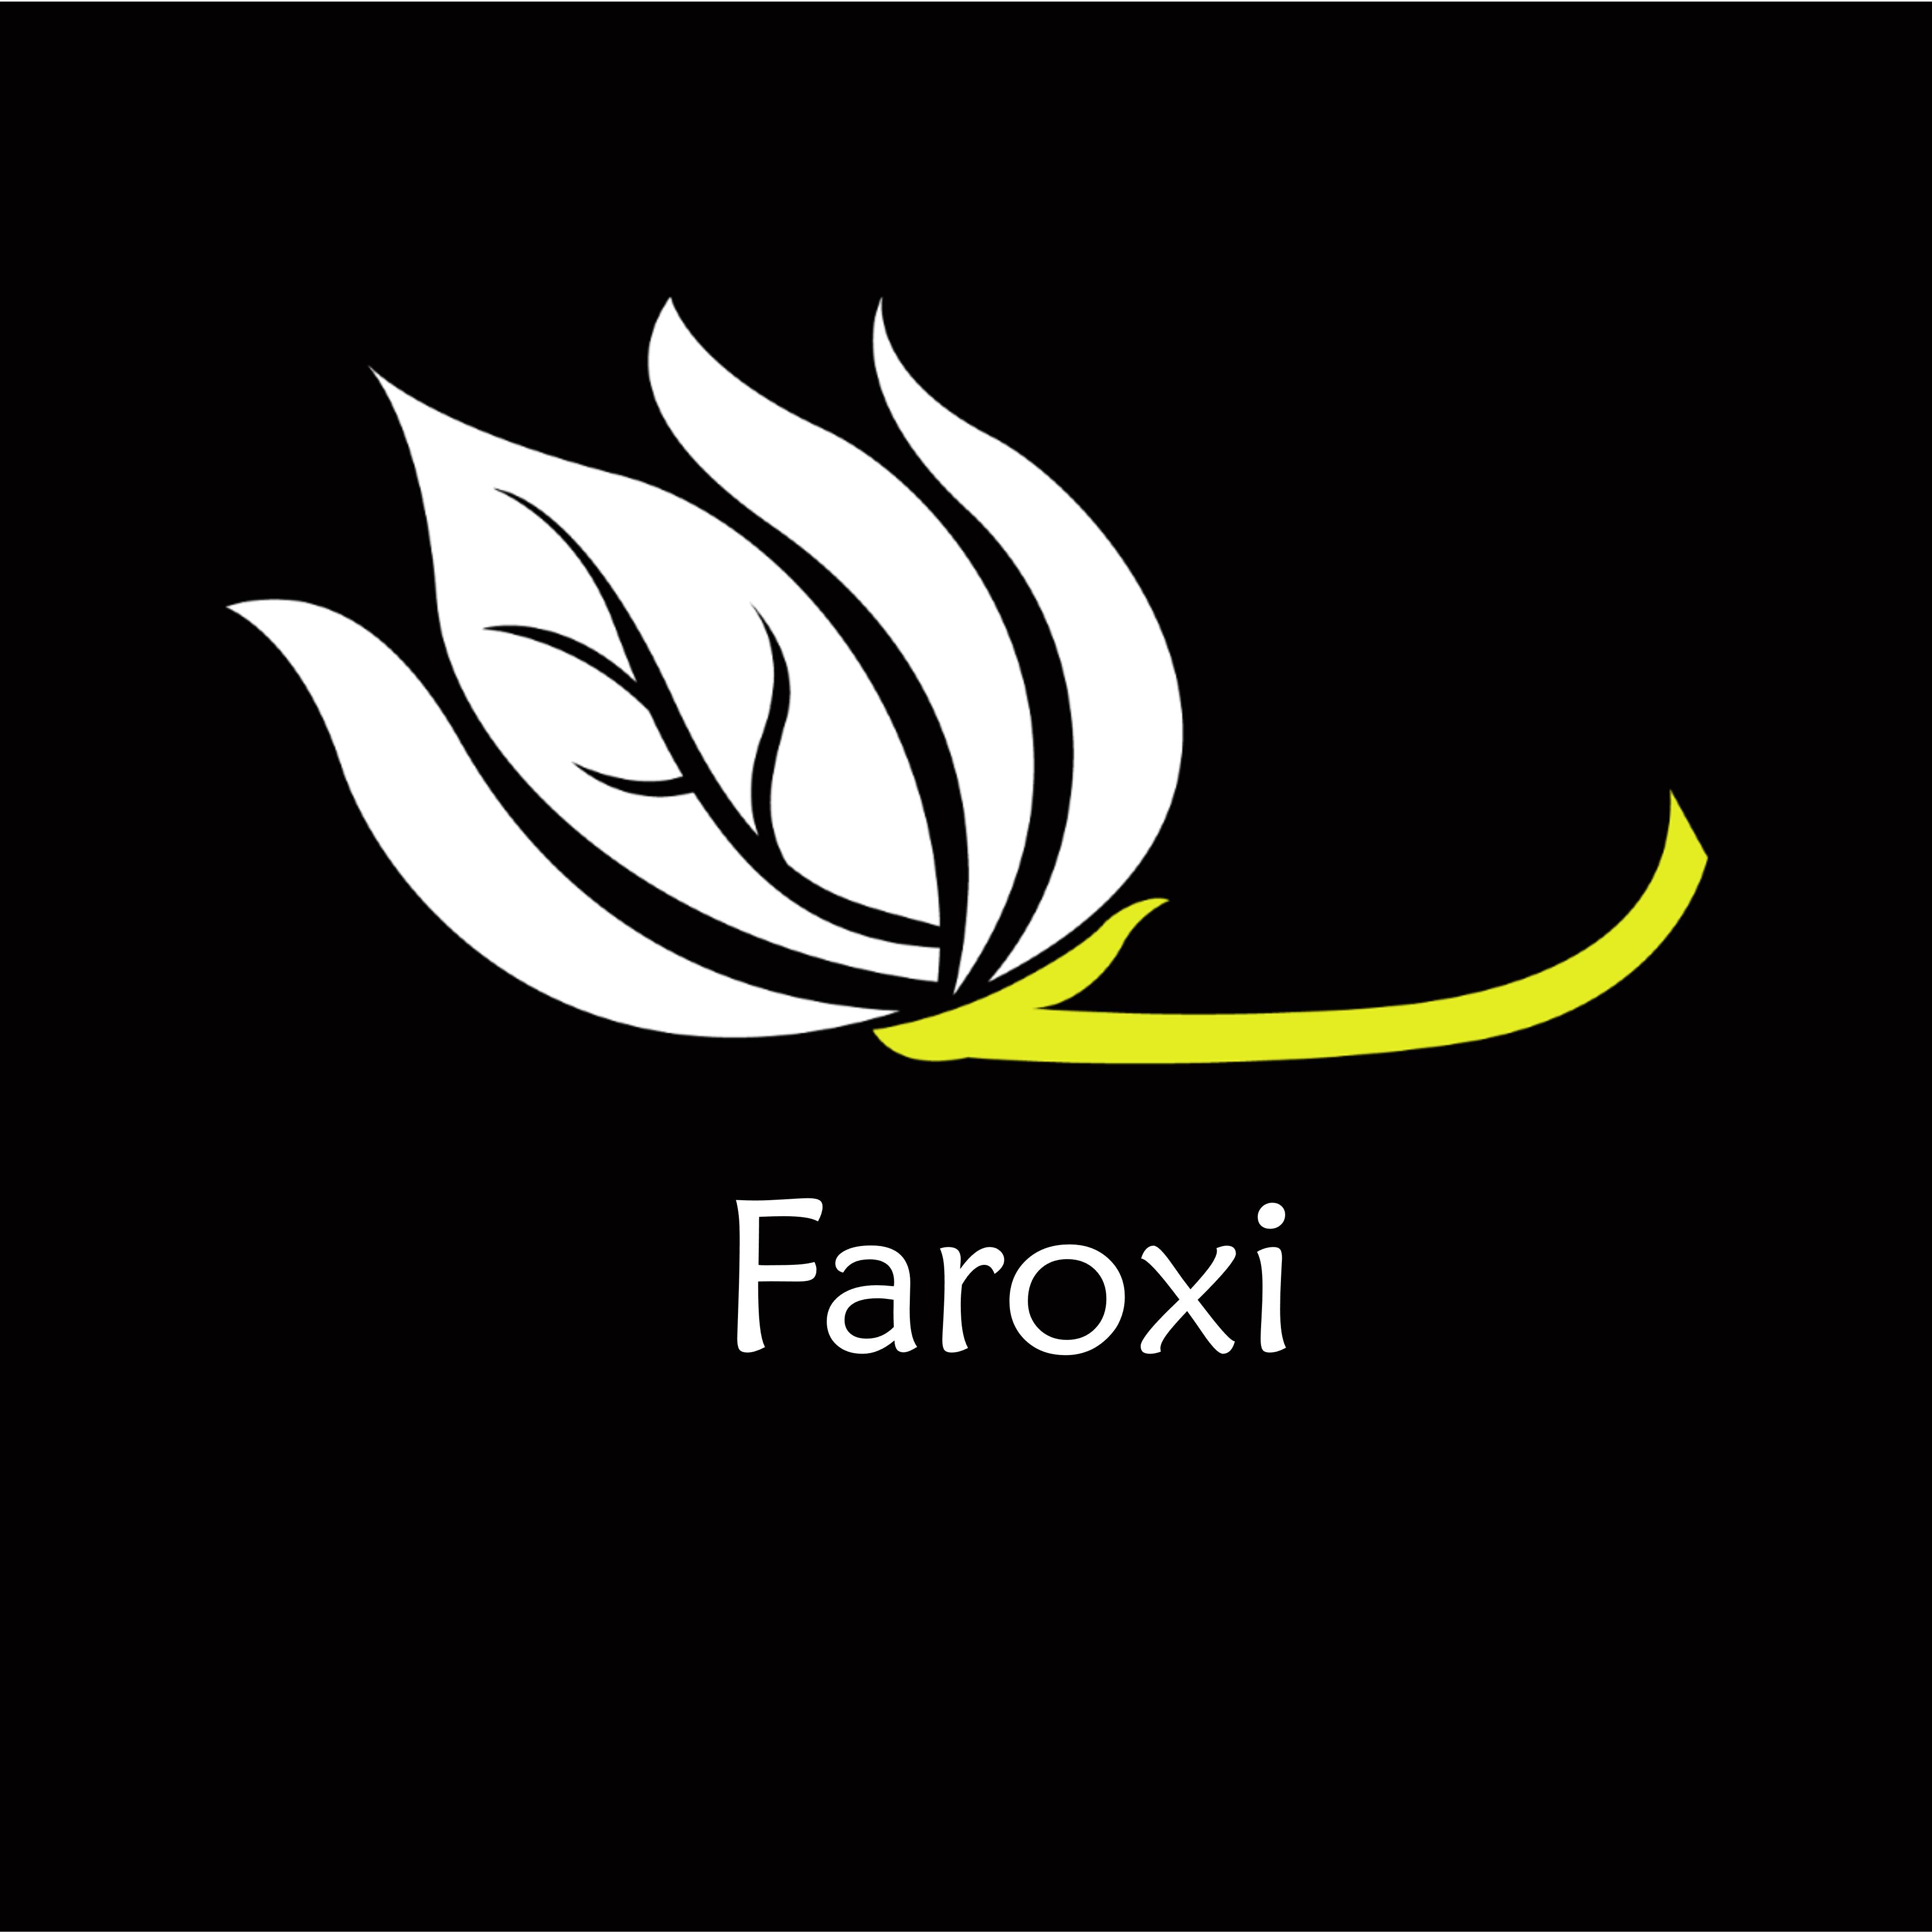 Faroxi